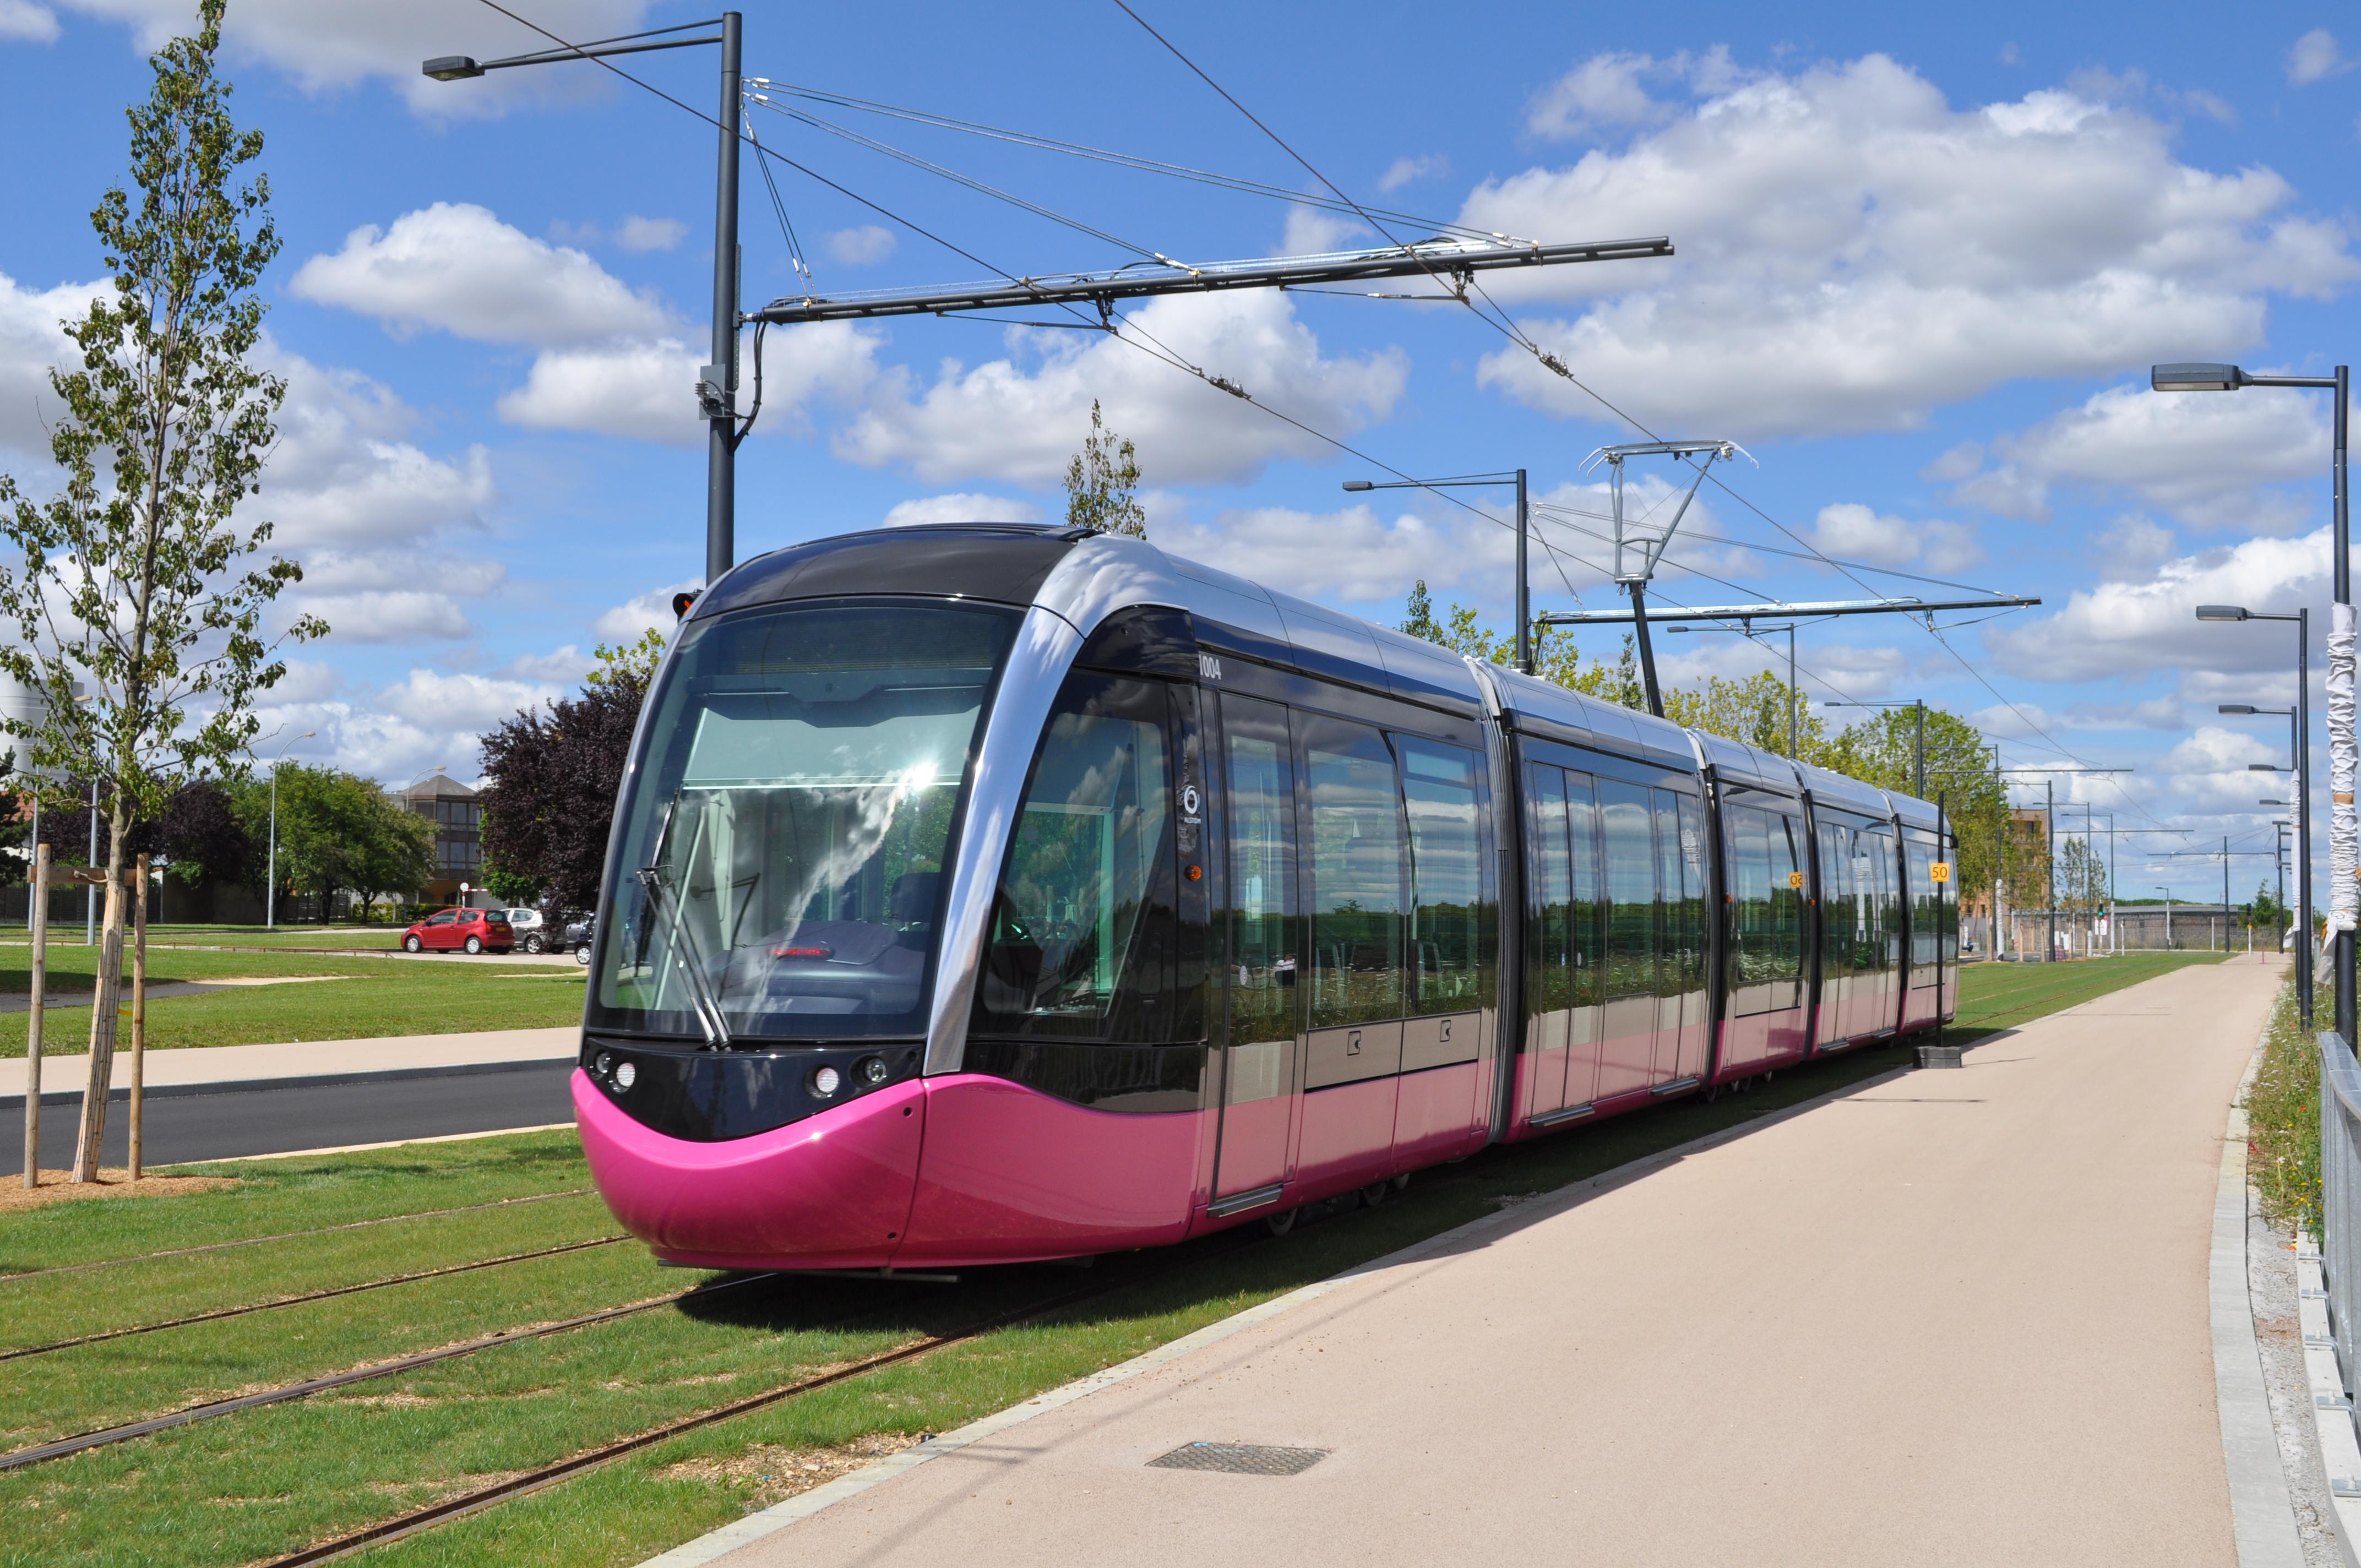 Le tramway de Dijon (sous licence Creative Commons)